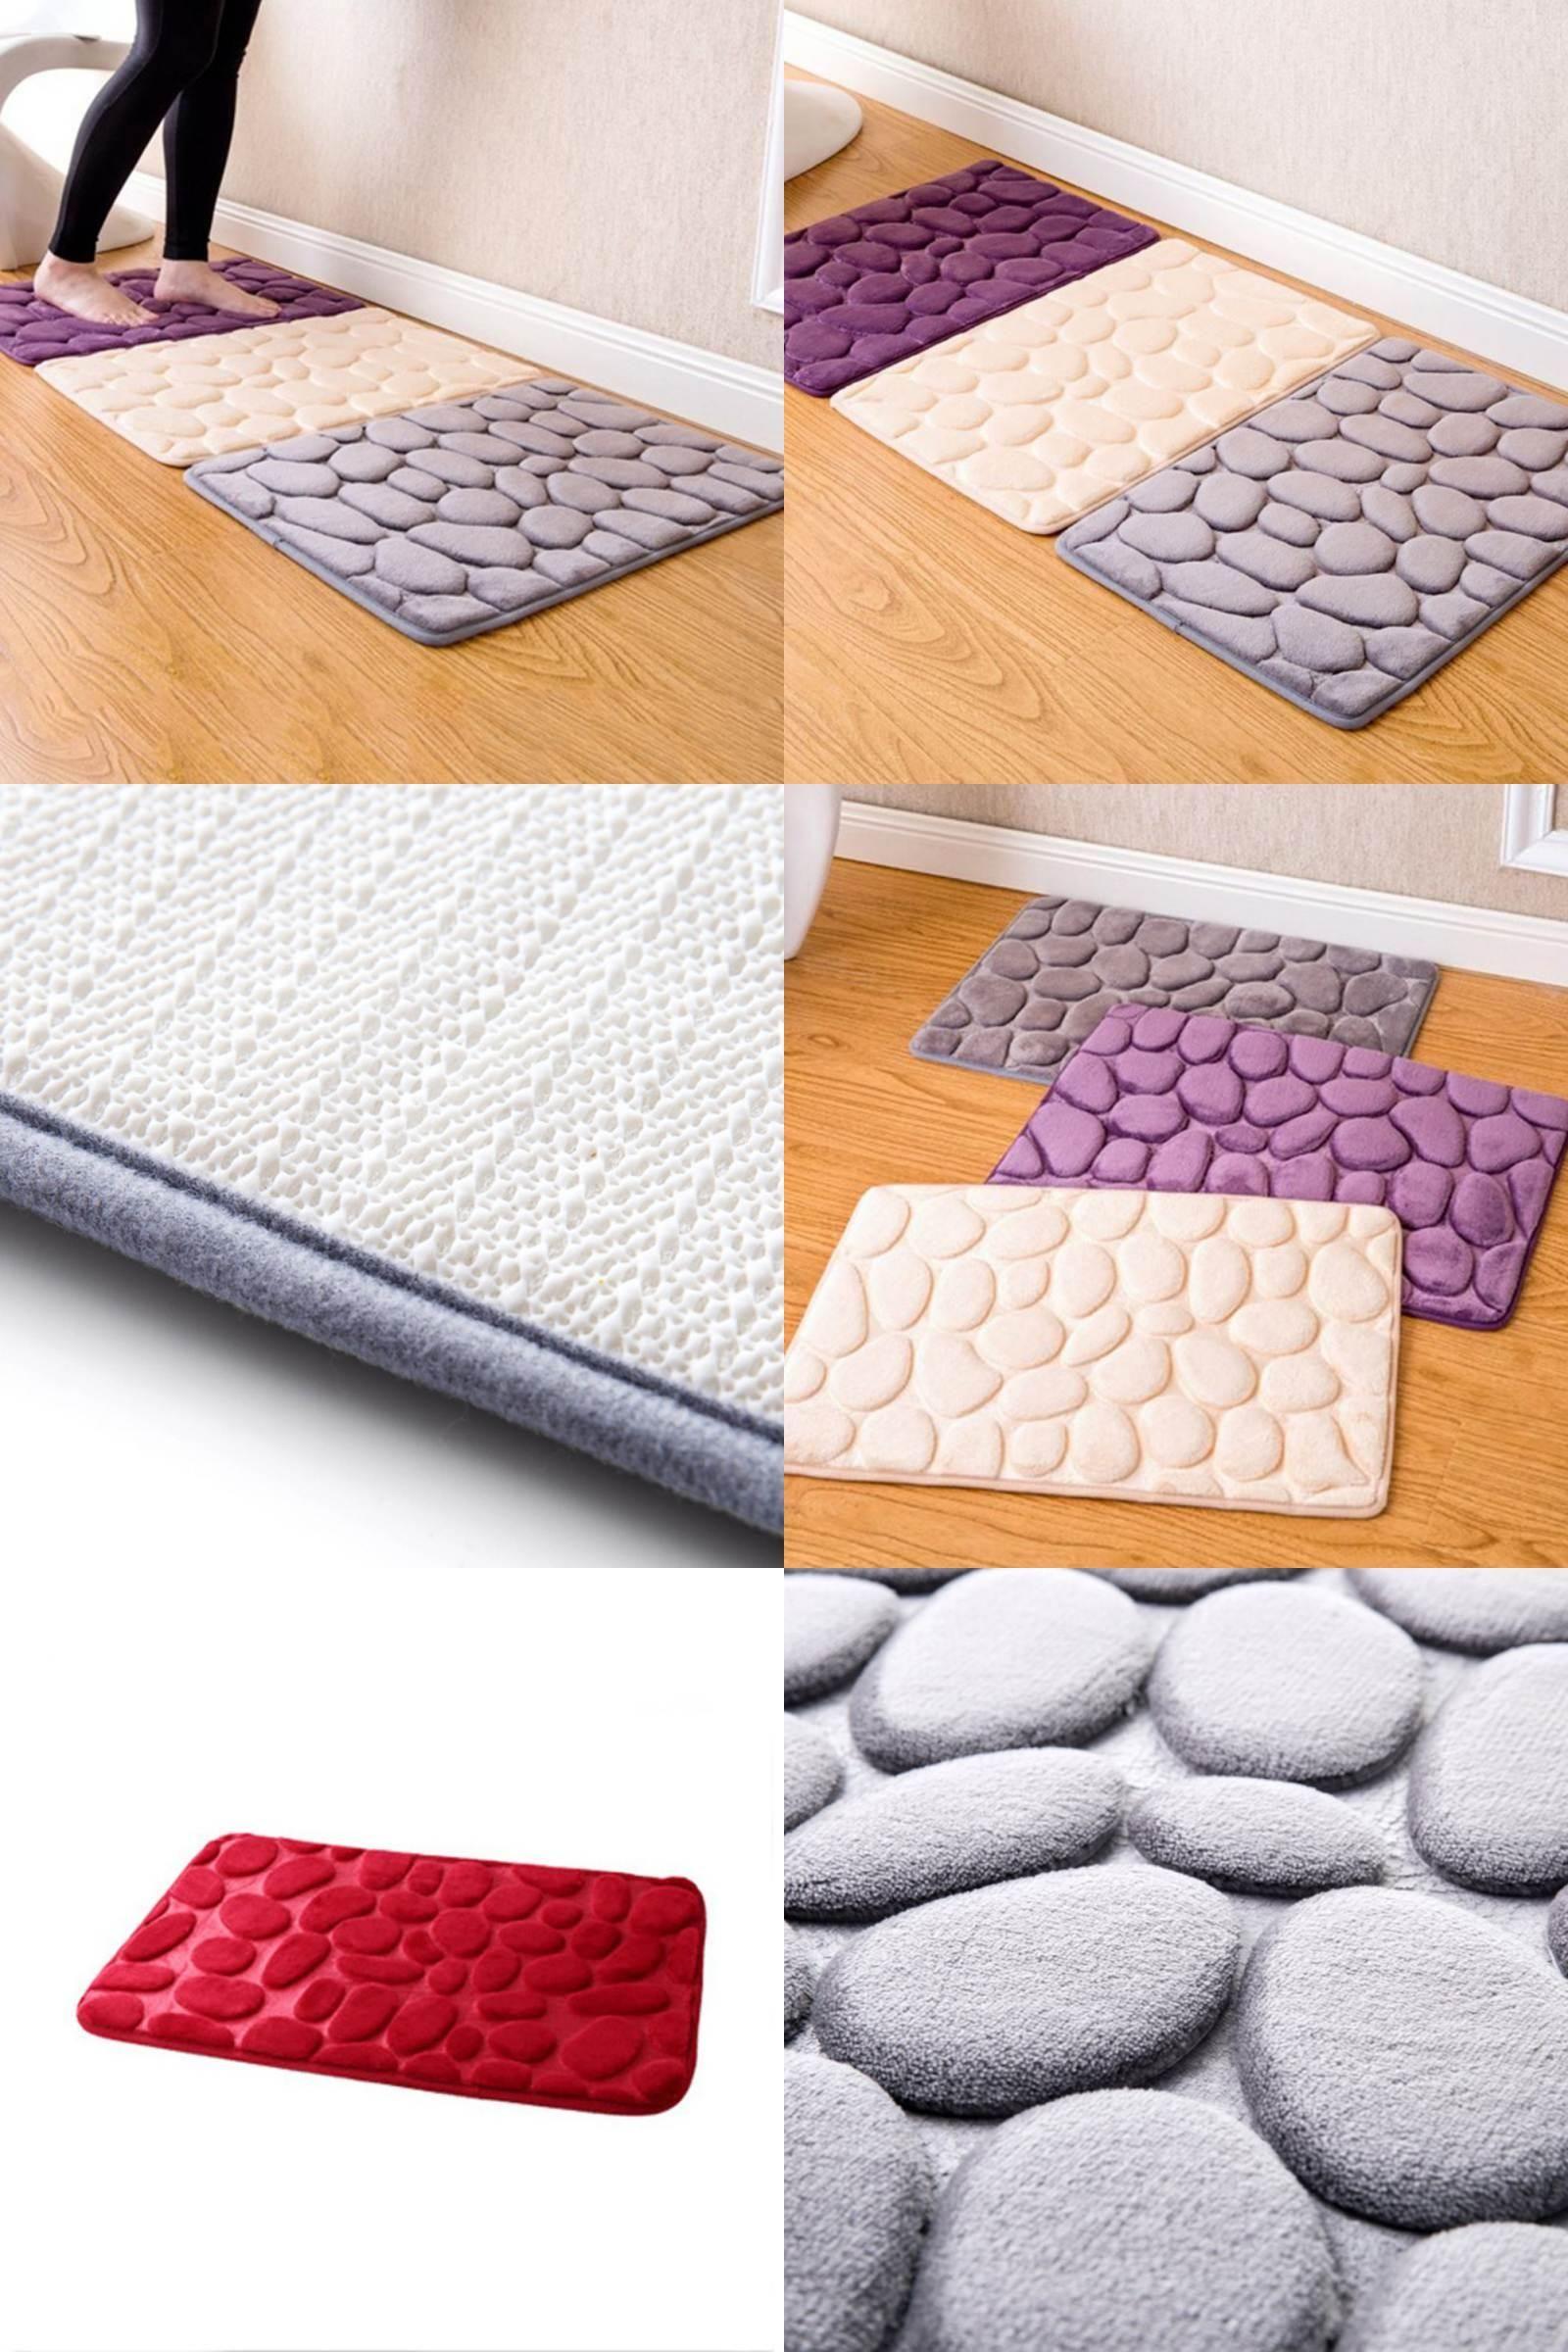 Visit to Buy] Coral Fleece Bathroom Memory Foam Rug Kit Toilet